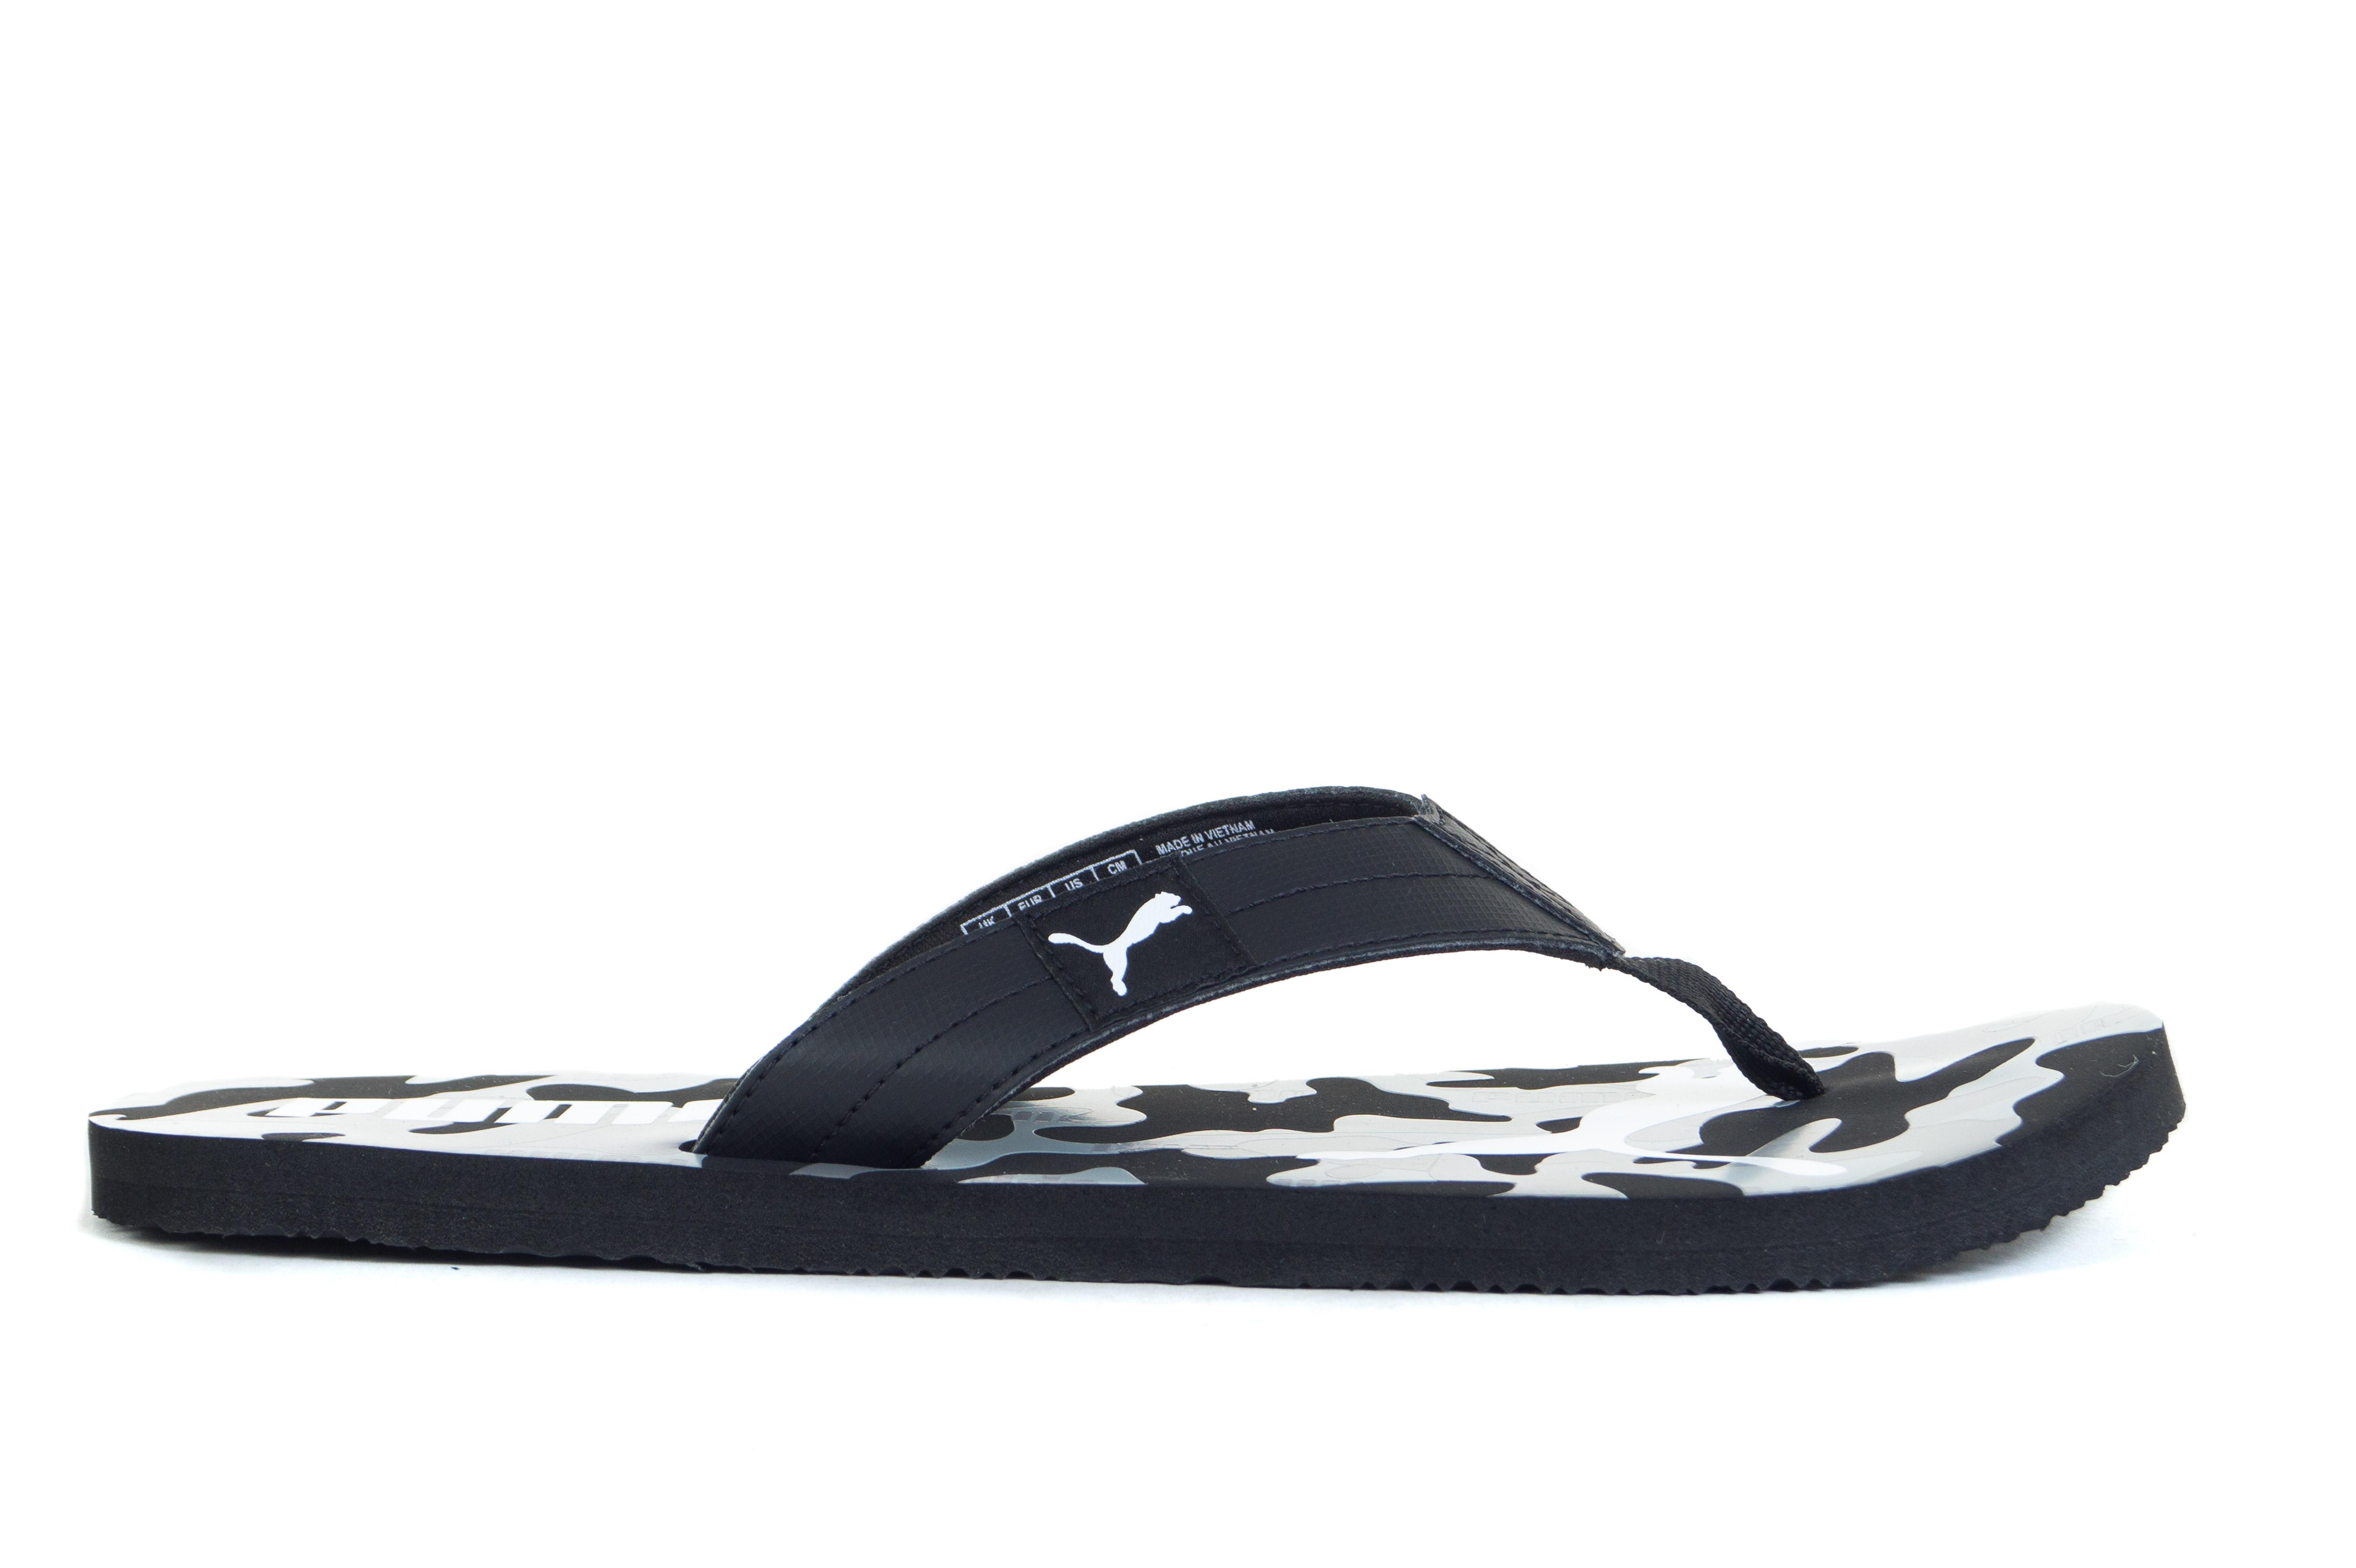 נעליים פומה לגברים PUMA COZY FLIP REBEL CAMO - שחור